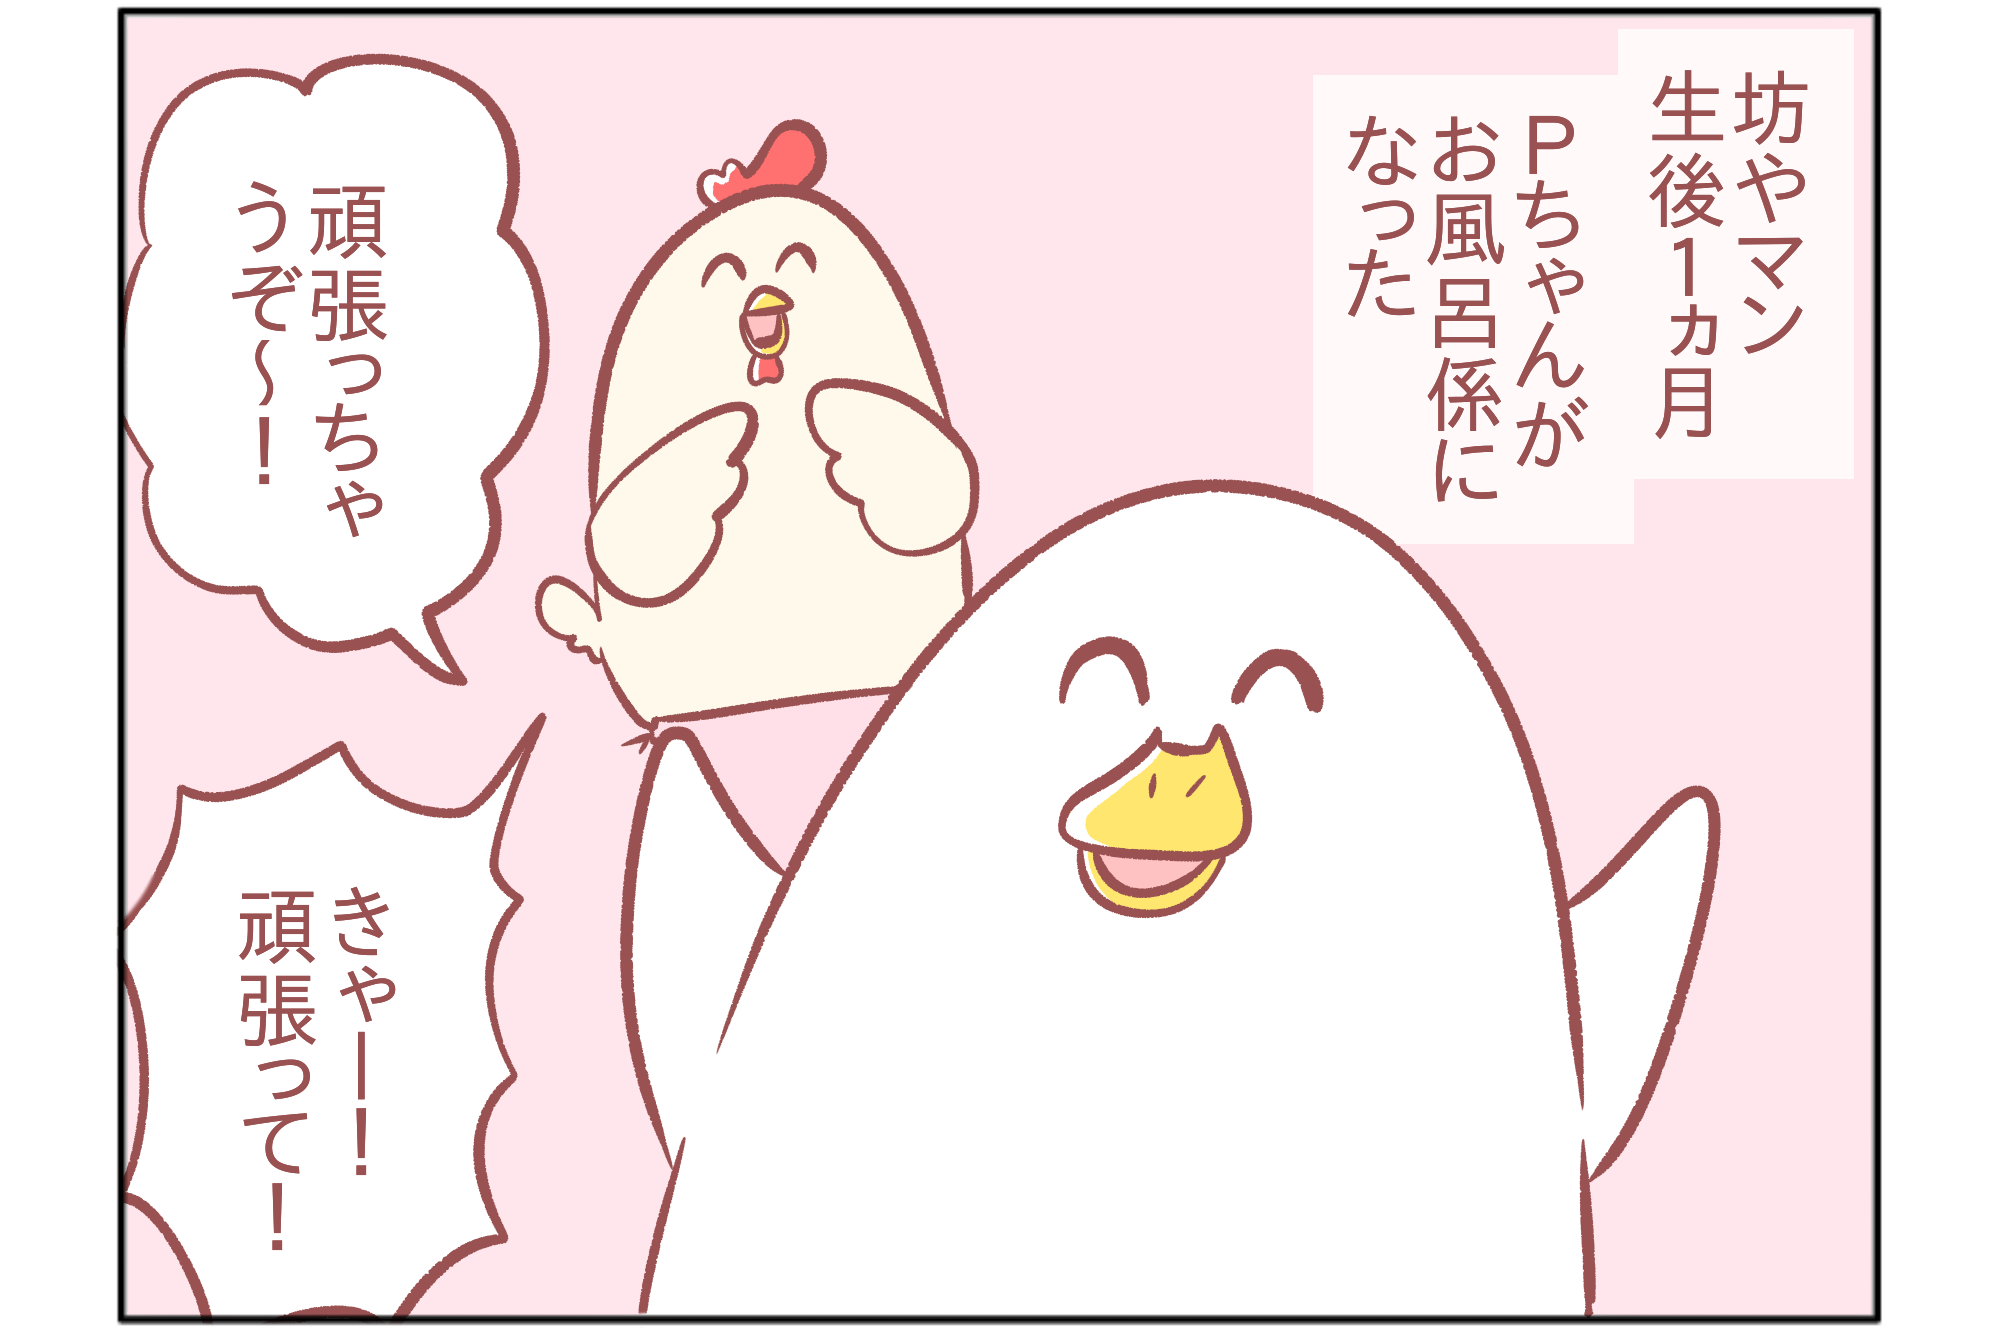 息子の頭皮に異変が…!(前編)|鳥谷丁子のオモテ育児・ウラ育児#16